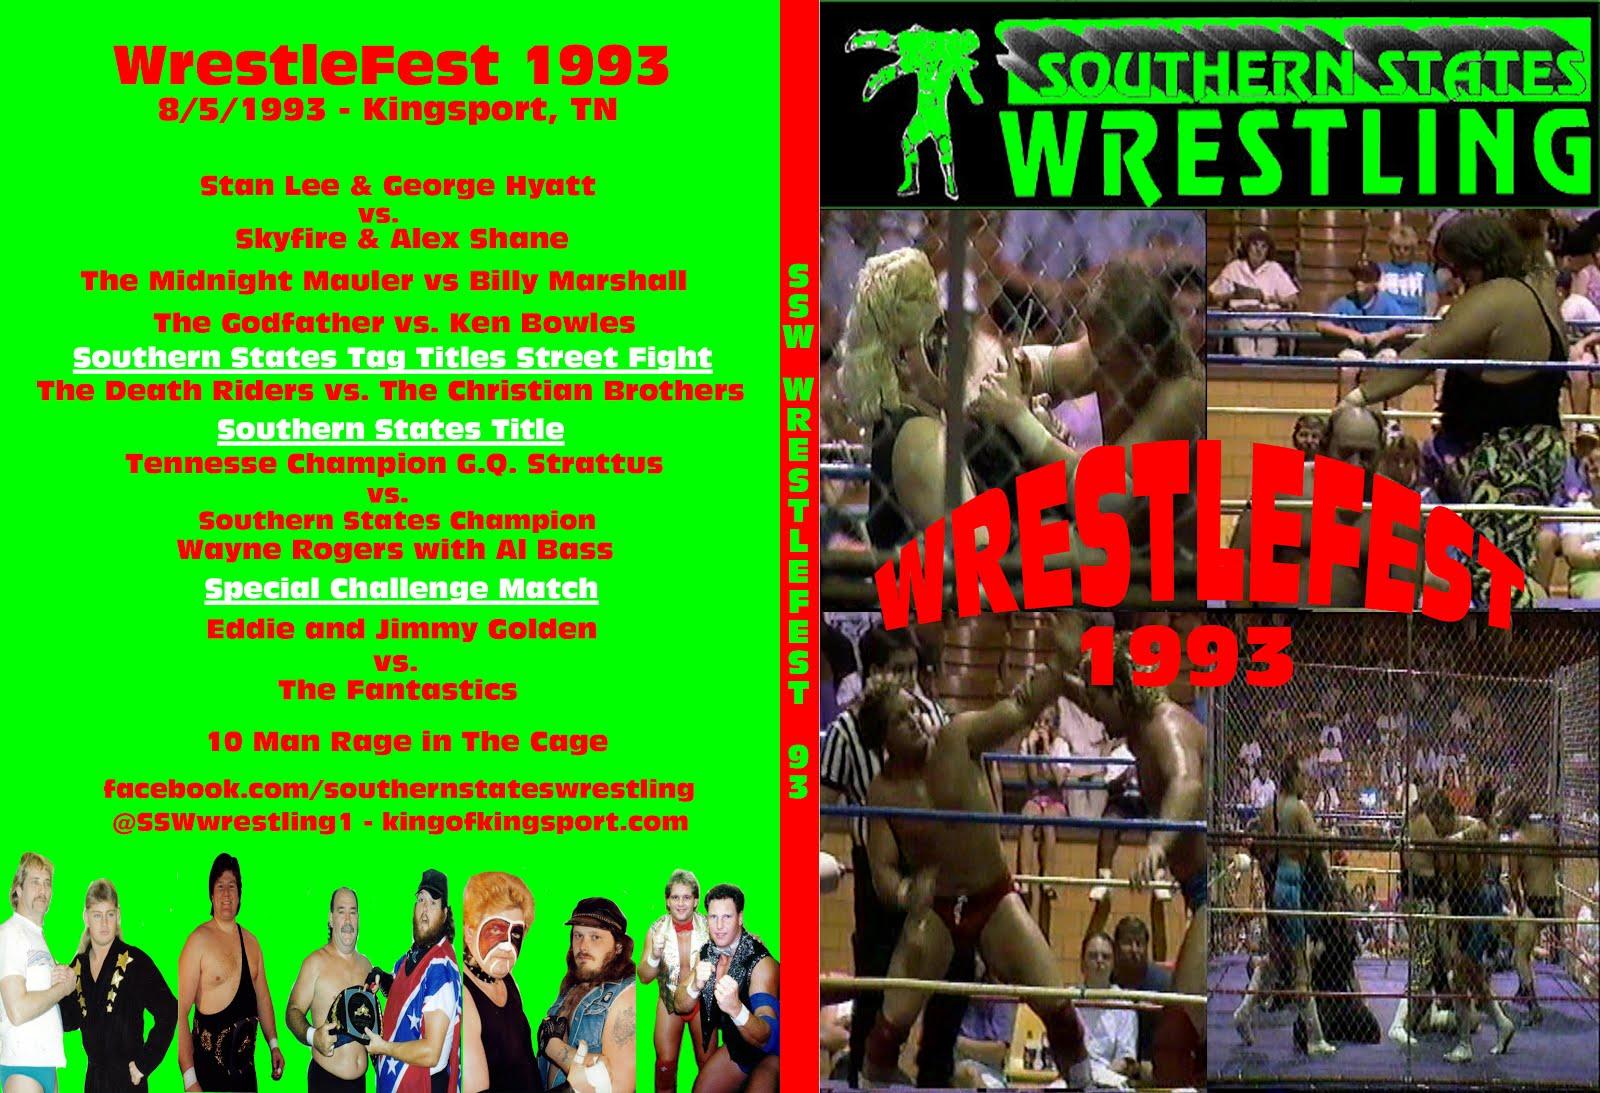 SSW WrestleFest 93